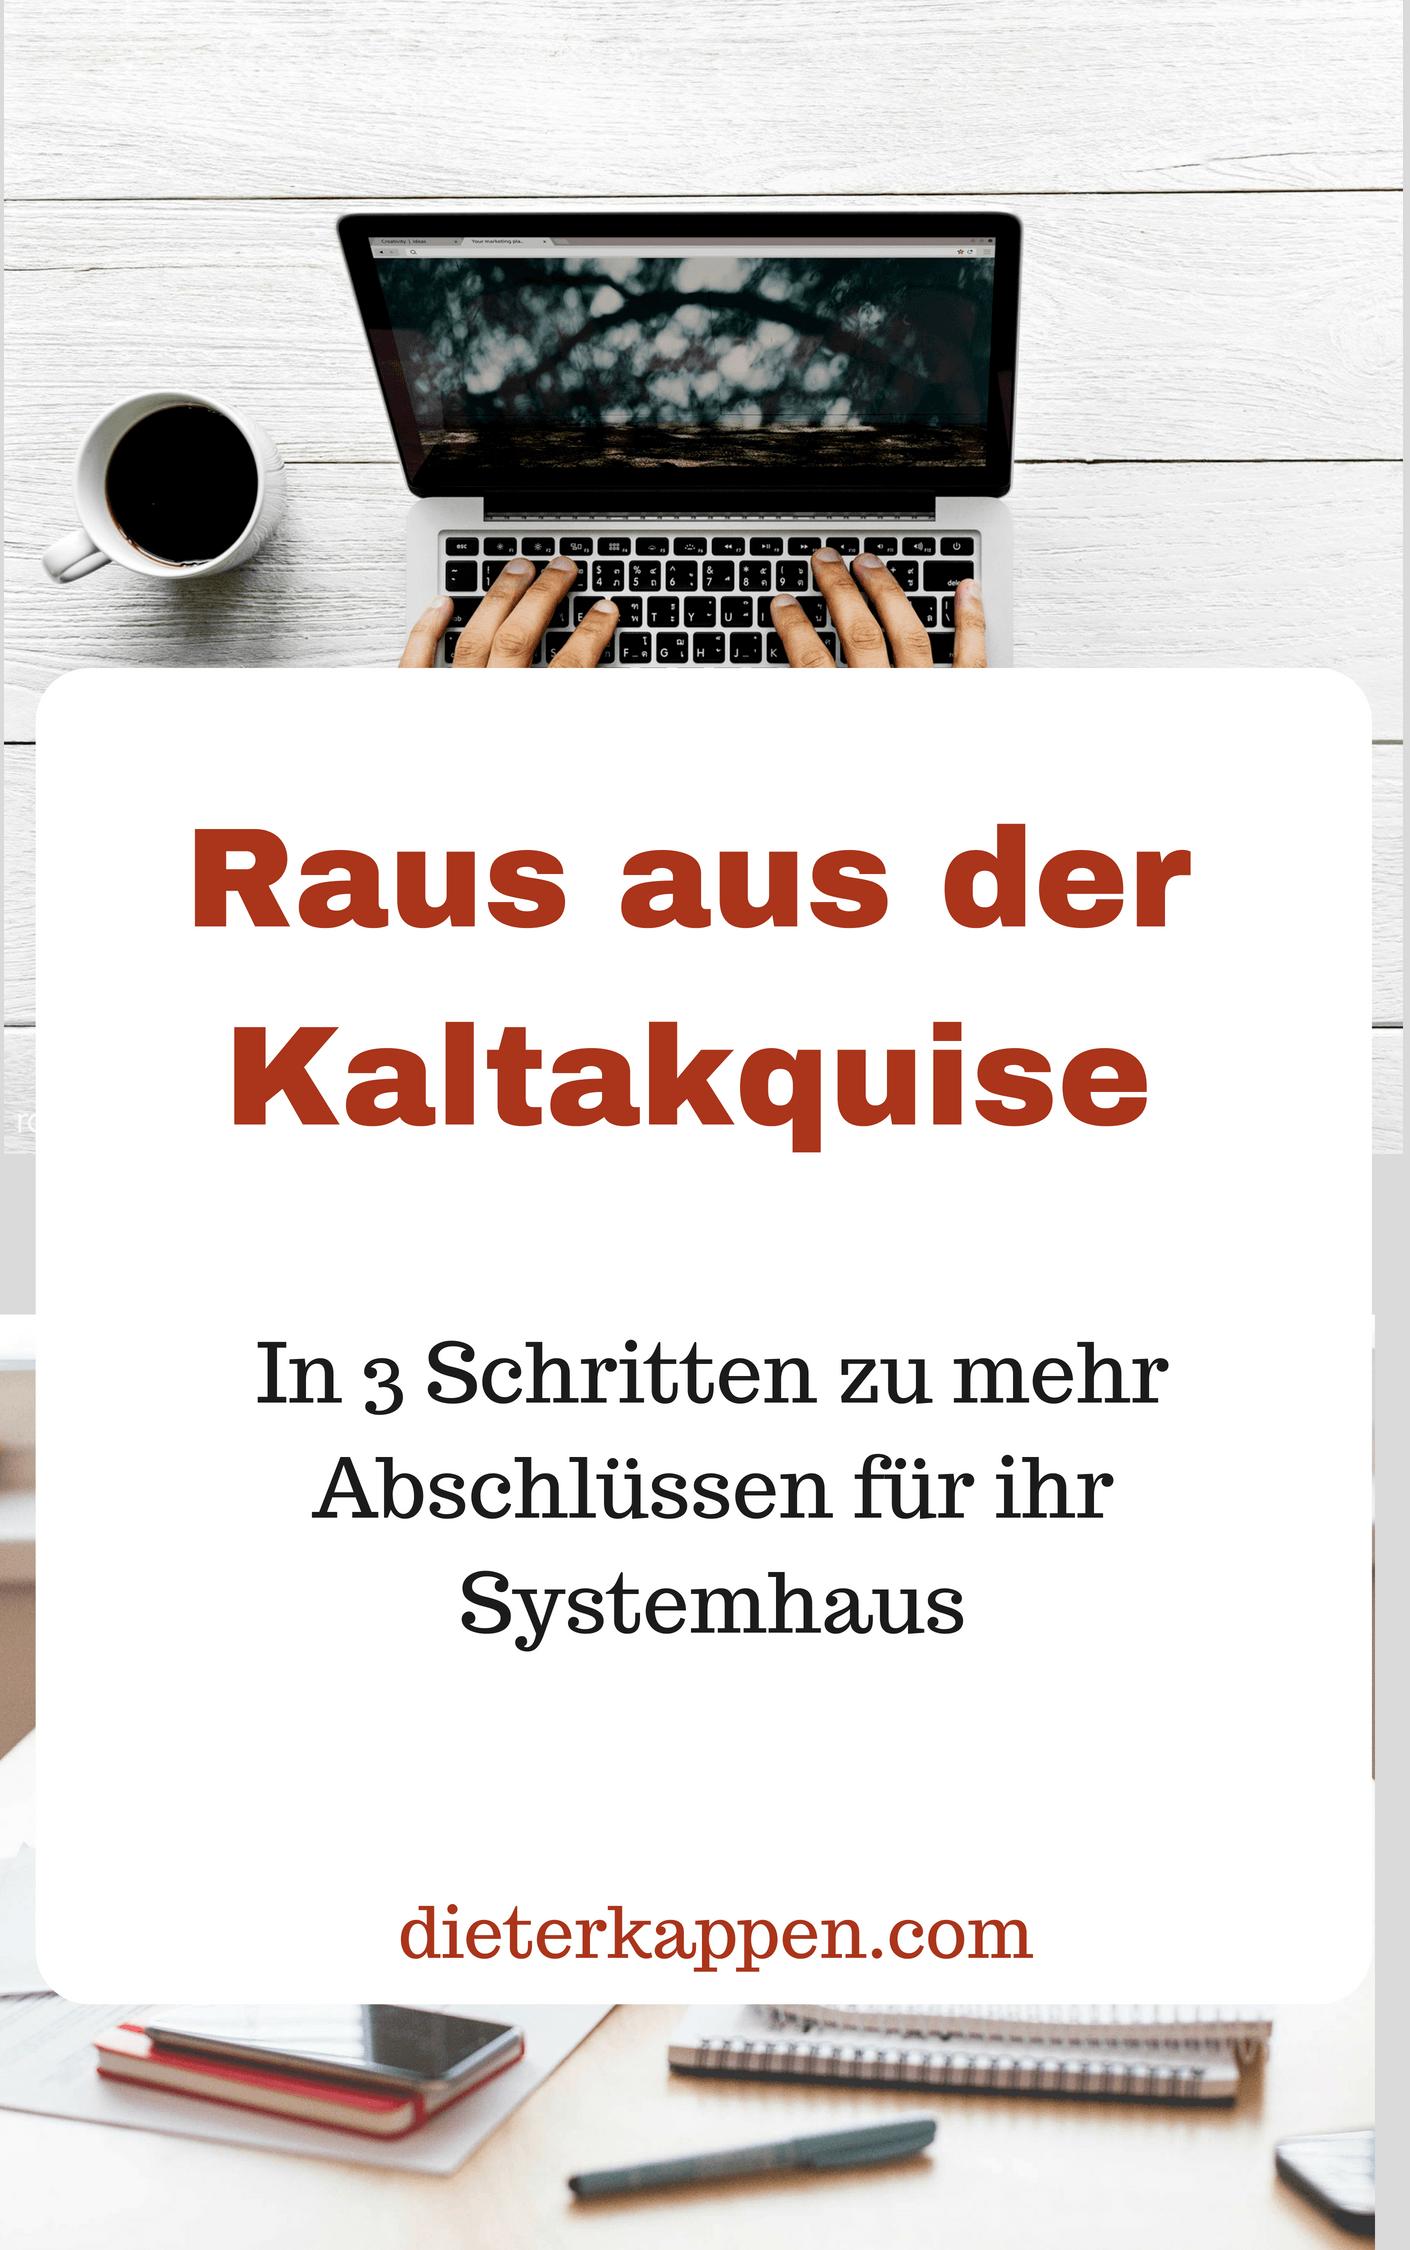 Dieter Kappen ebook Kaltakquise